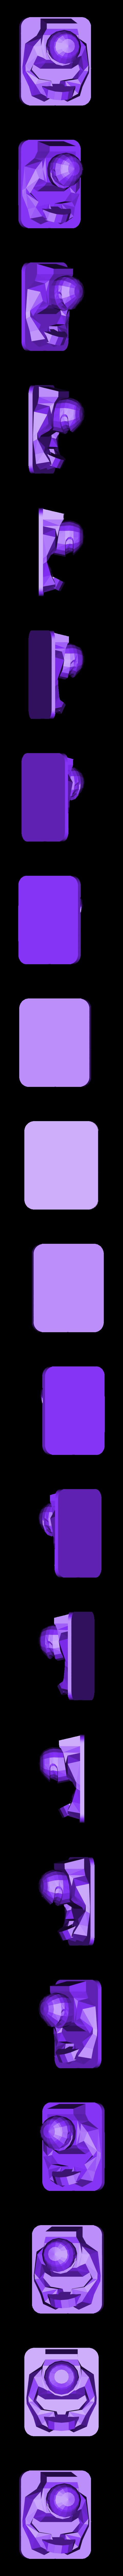 boomerang_cockpit.stl Télécharger fichier STL gratuit Kit d'échelle TAMIYA BOOMERANG 1:24 pour SUBOTECH • Objet à imprimer en 3D, 3dxl